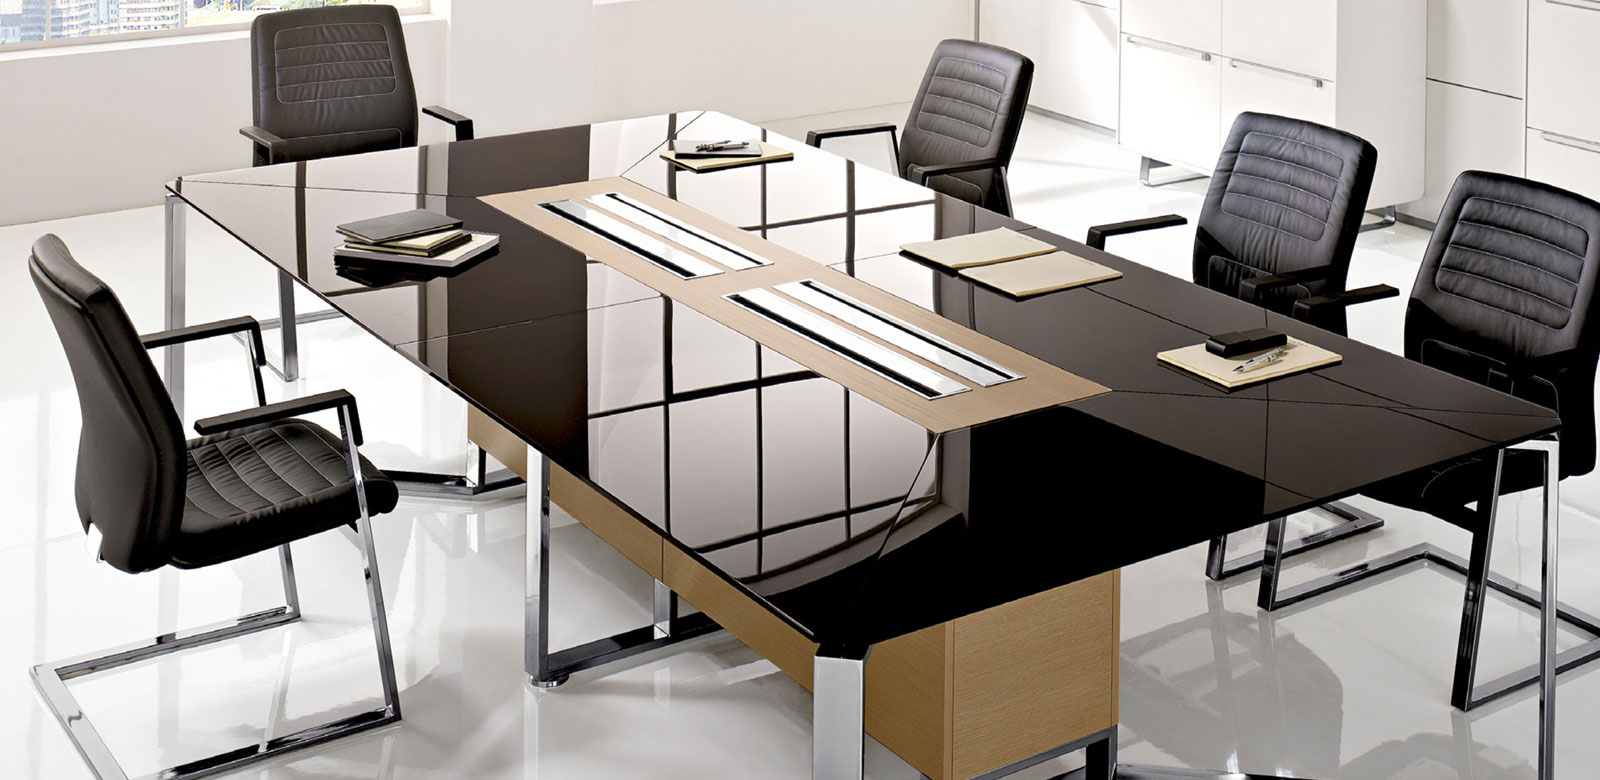 Arredo ufficio arredamento e mobili per ufficio su misura - Tavoli per ufficio ...